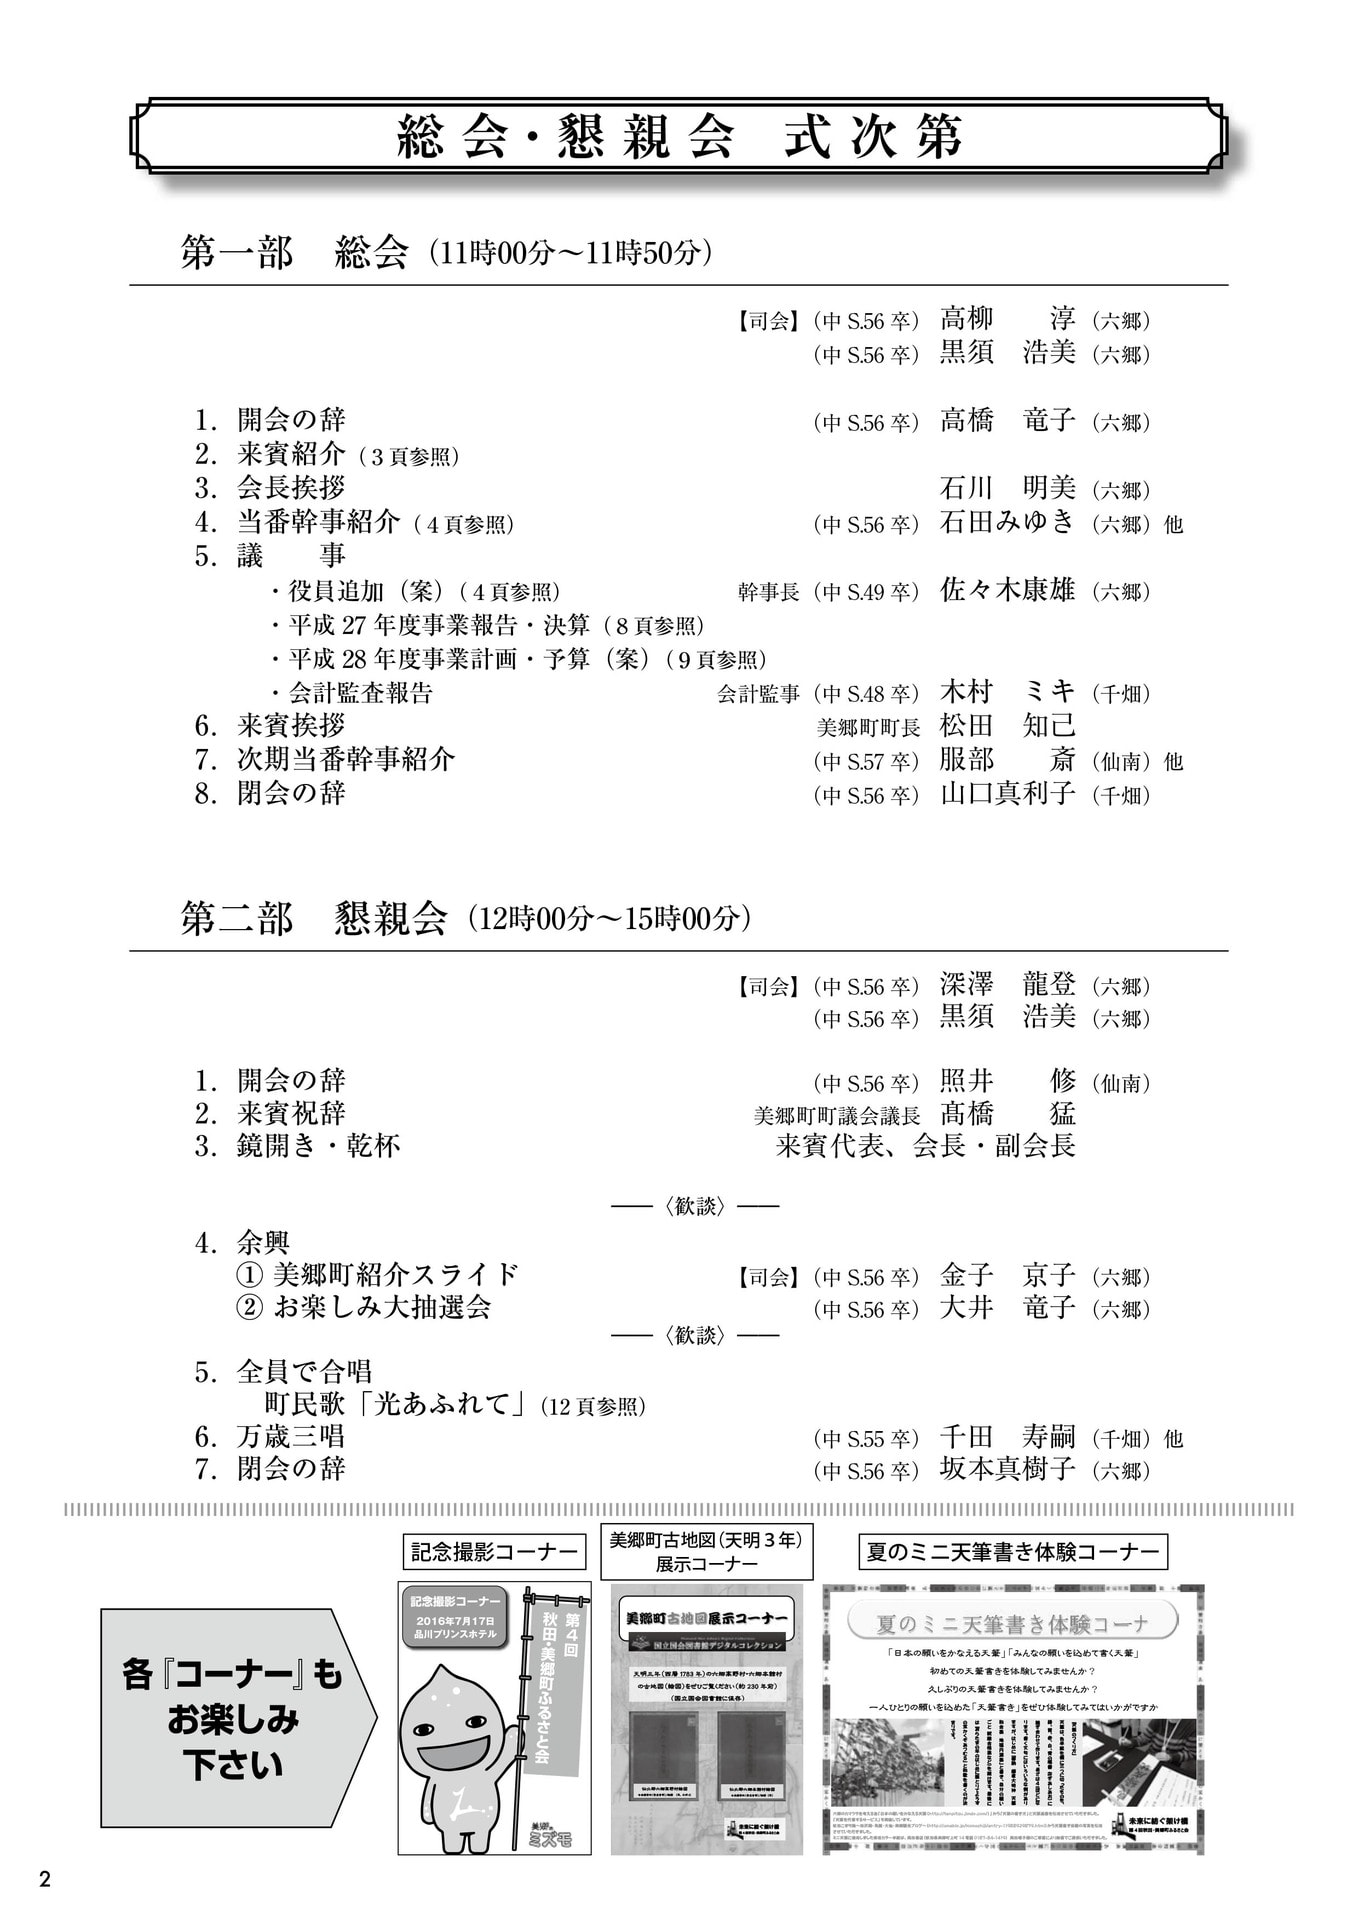 第4回秋田・美郷町ふるさと会パンフレット(式次第)